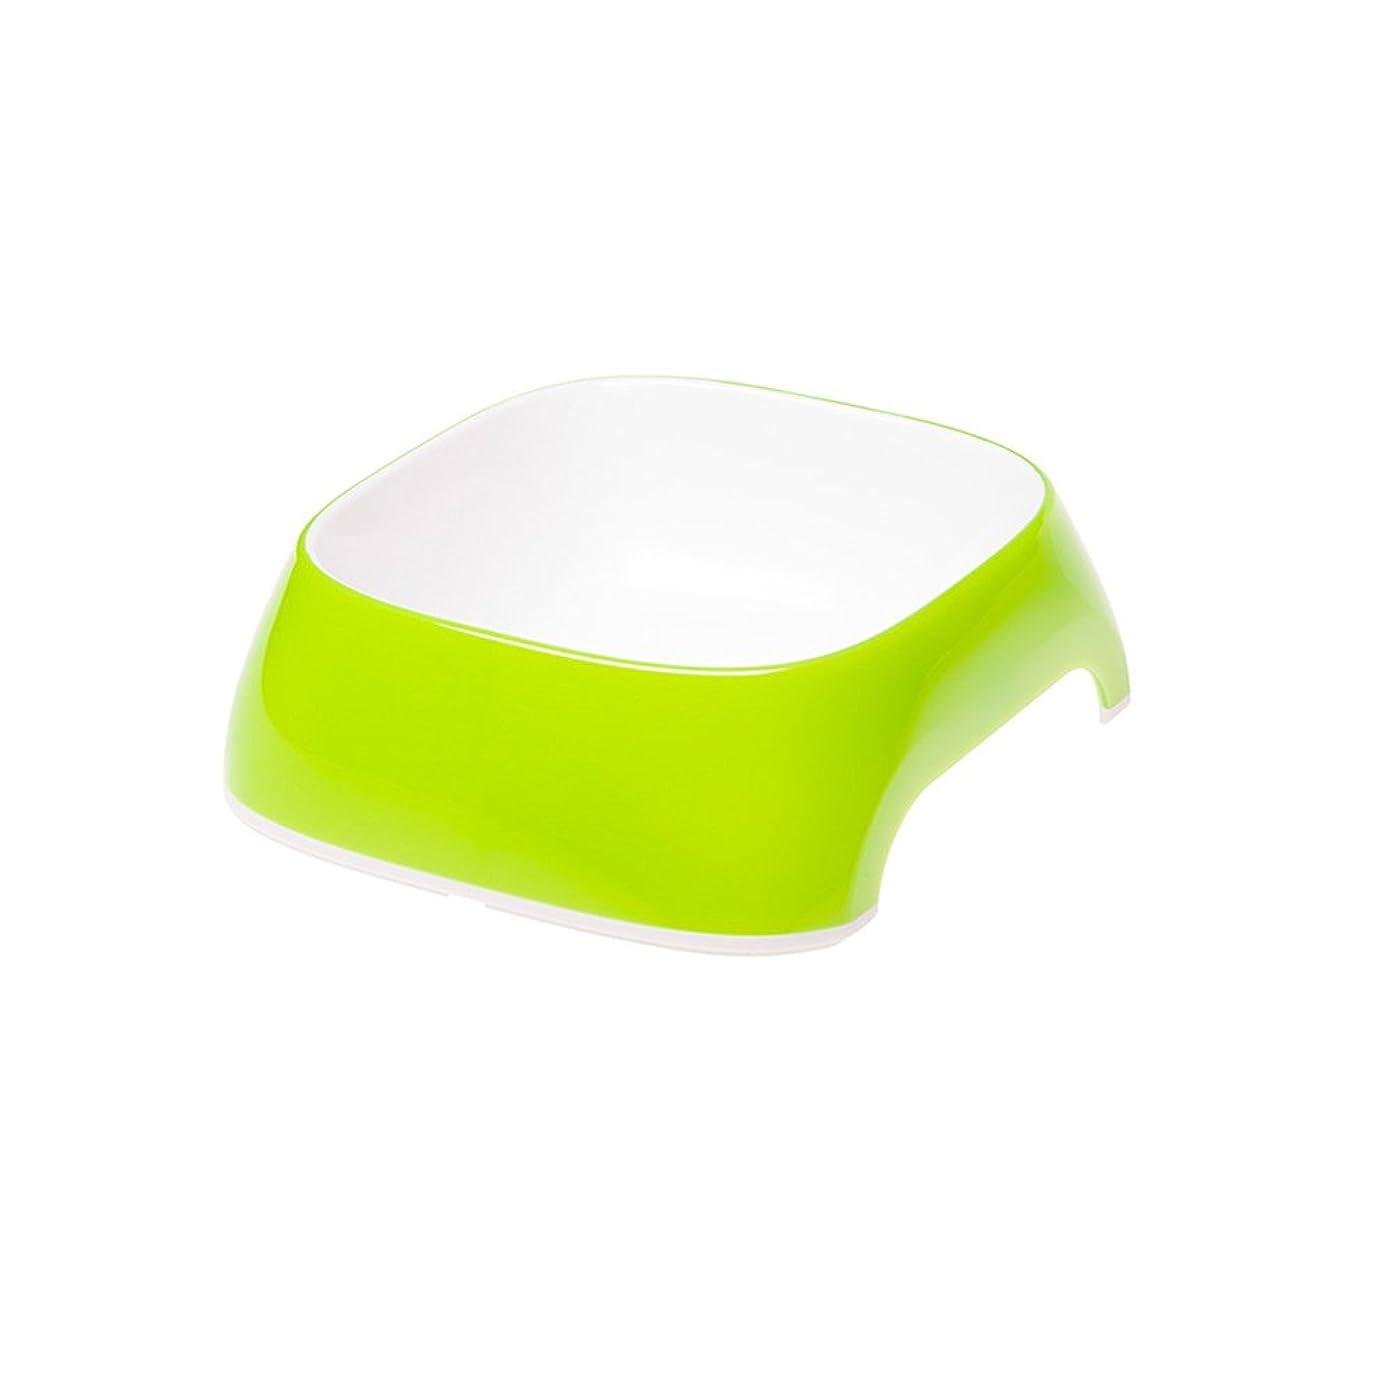 部屋を掃除する制限されたクックファープラスト グラム イエローグリーン 小型犬用 S サイズ